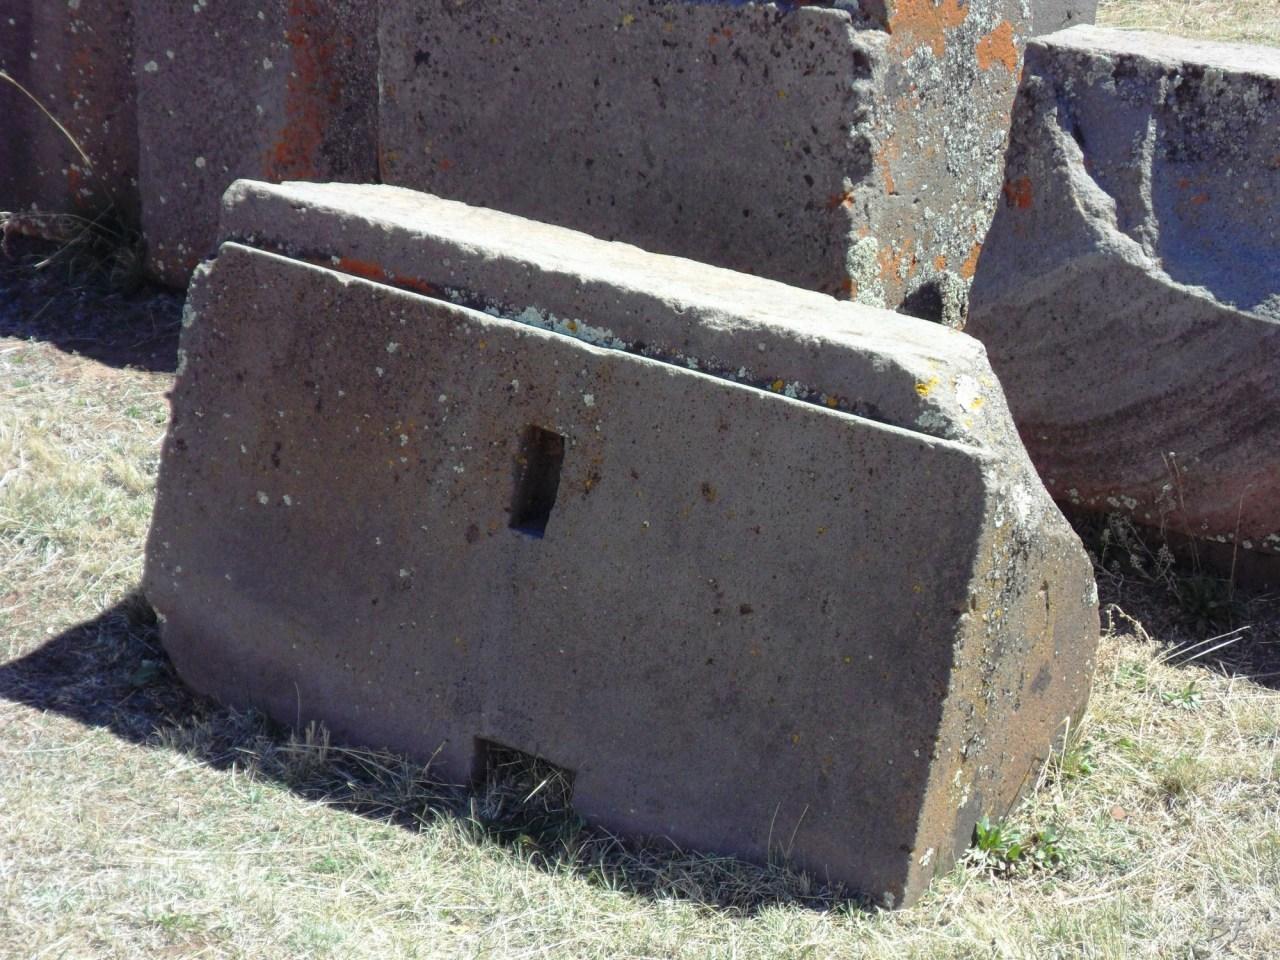 Puma-Punku-Area-Megalitica-Mura-Poligonali-Megaliti-Tiwanaku-Tiahuanaco-Bolivia-71